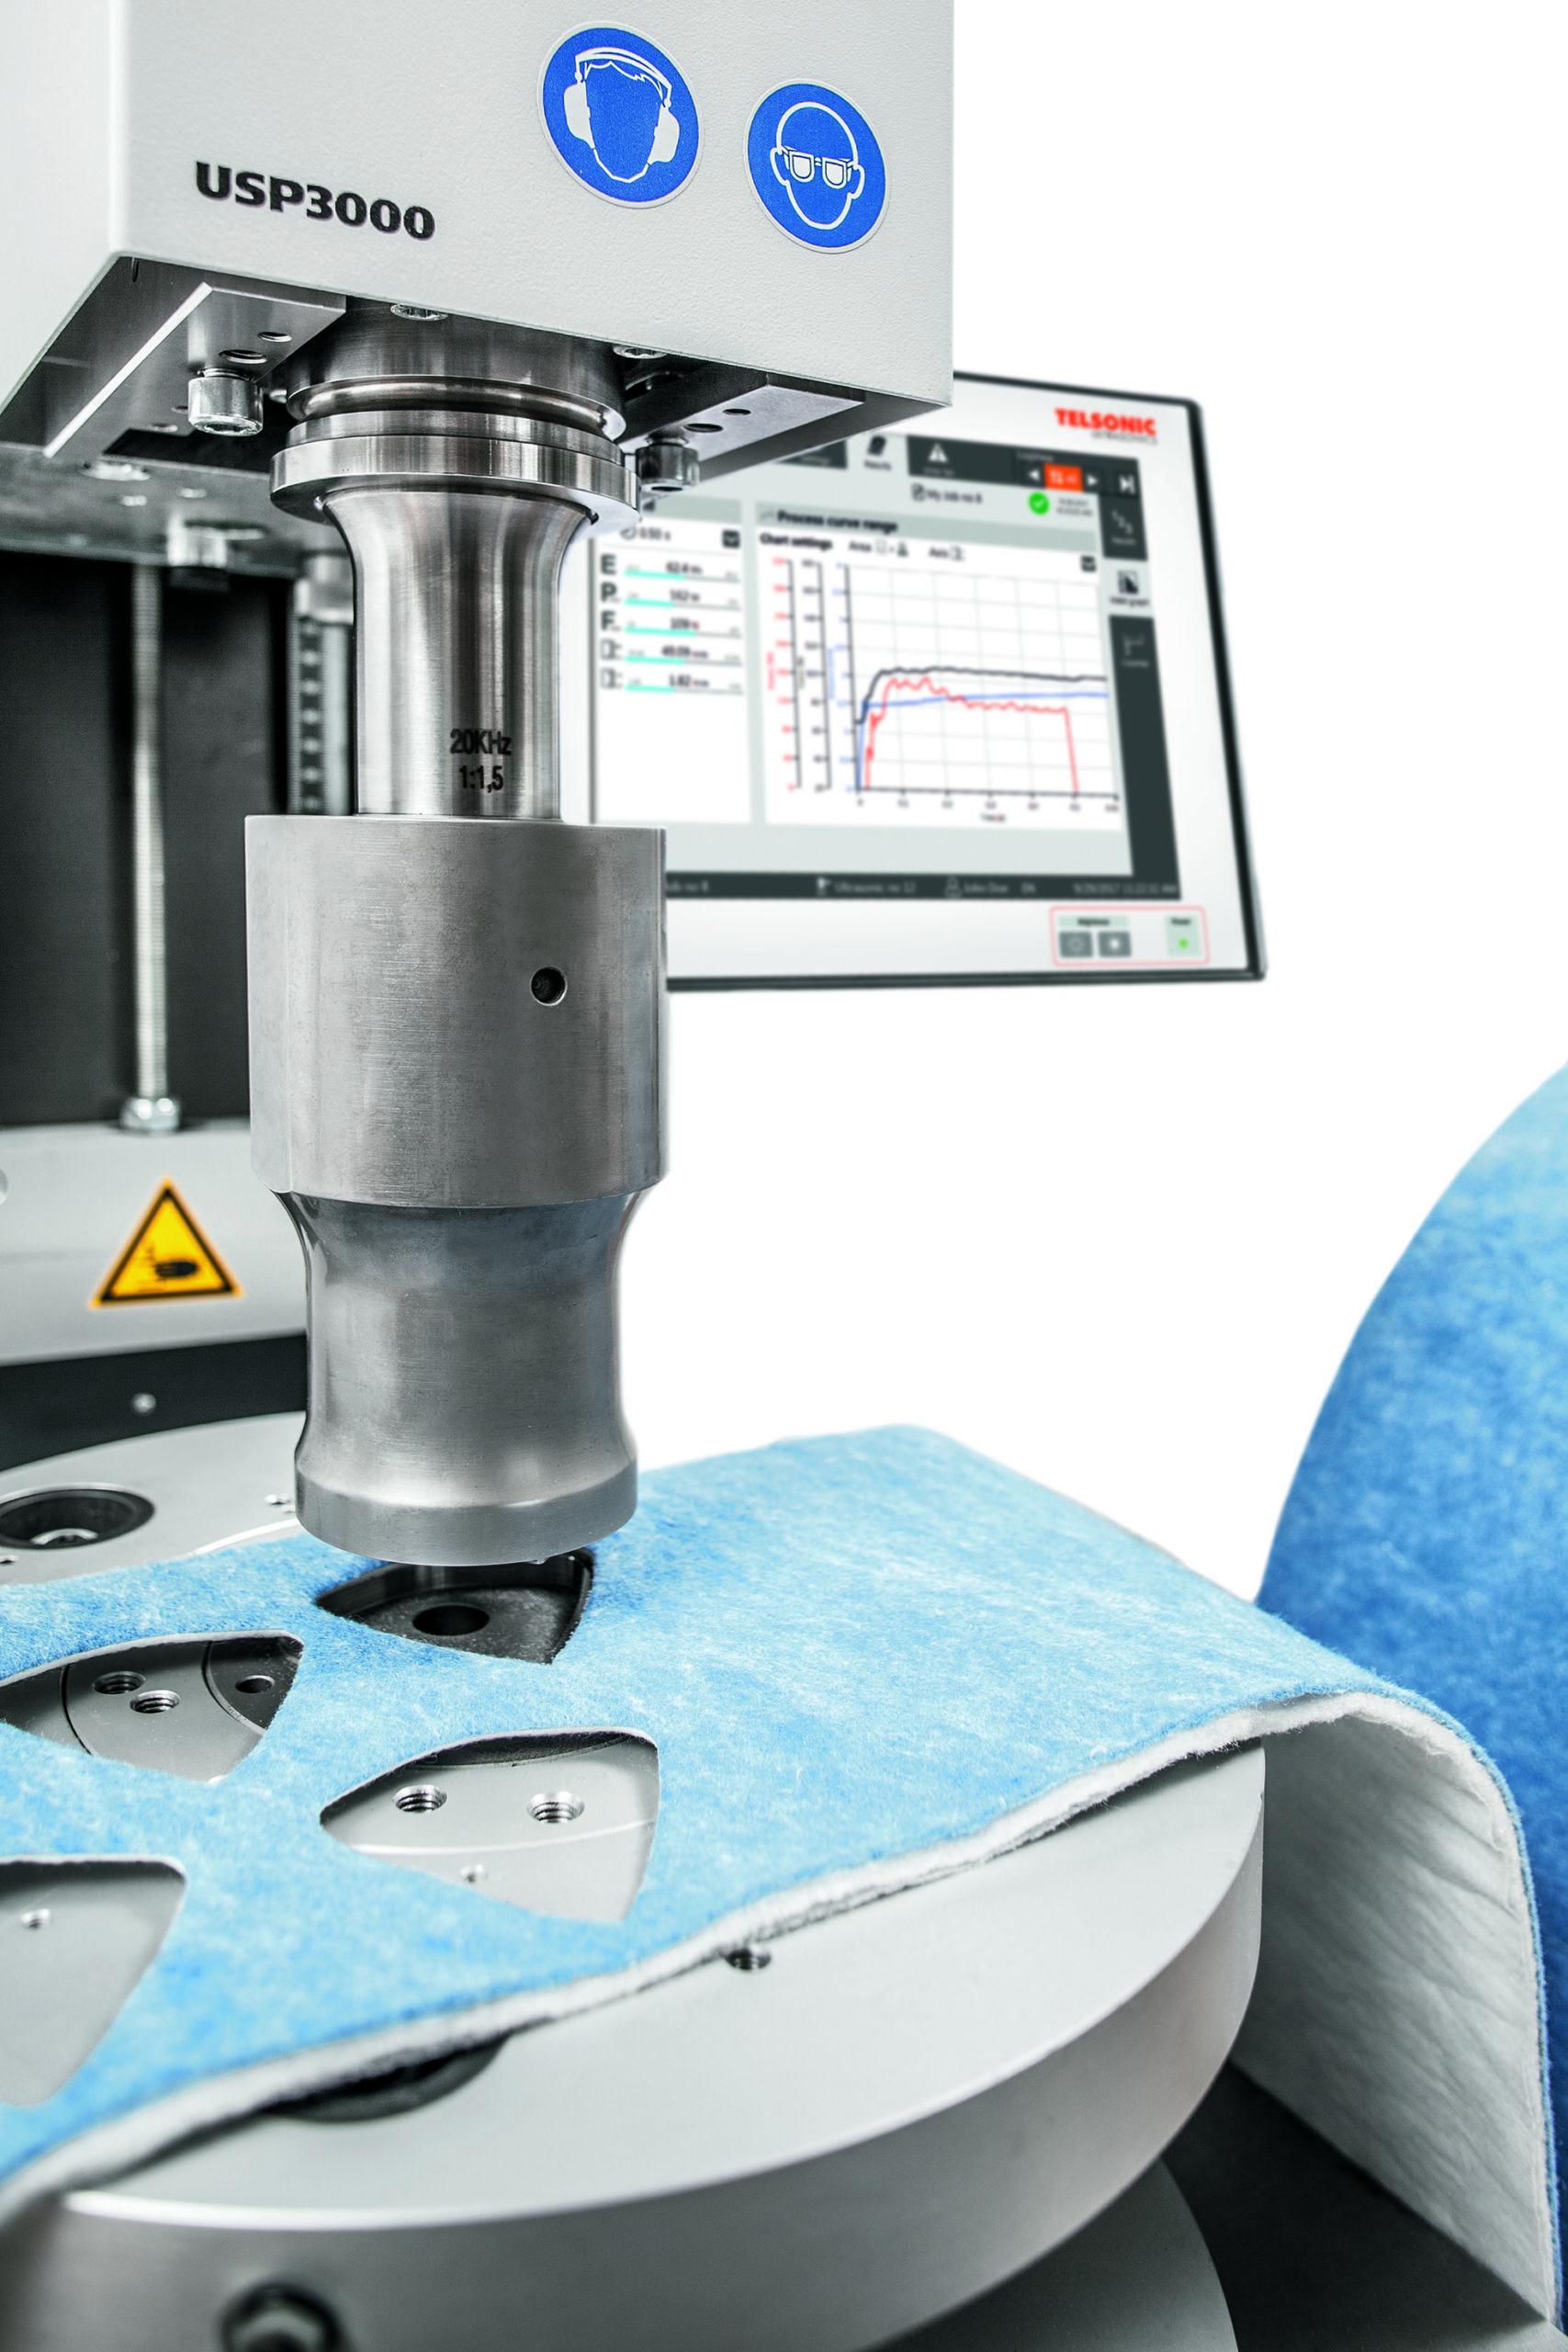 Trennschweißen mit Ultraschall hat sich heute in vielen Branchen als wirtschaftliche und schonende Verfahren mit hohem Qualitätsansatz bewährt. Bild: Telsonic